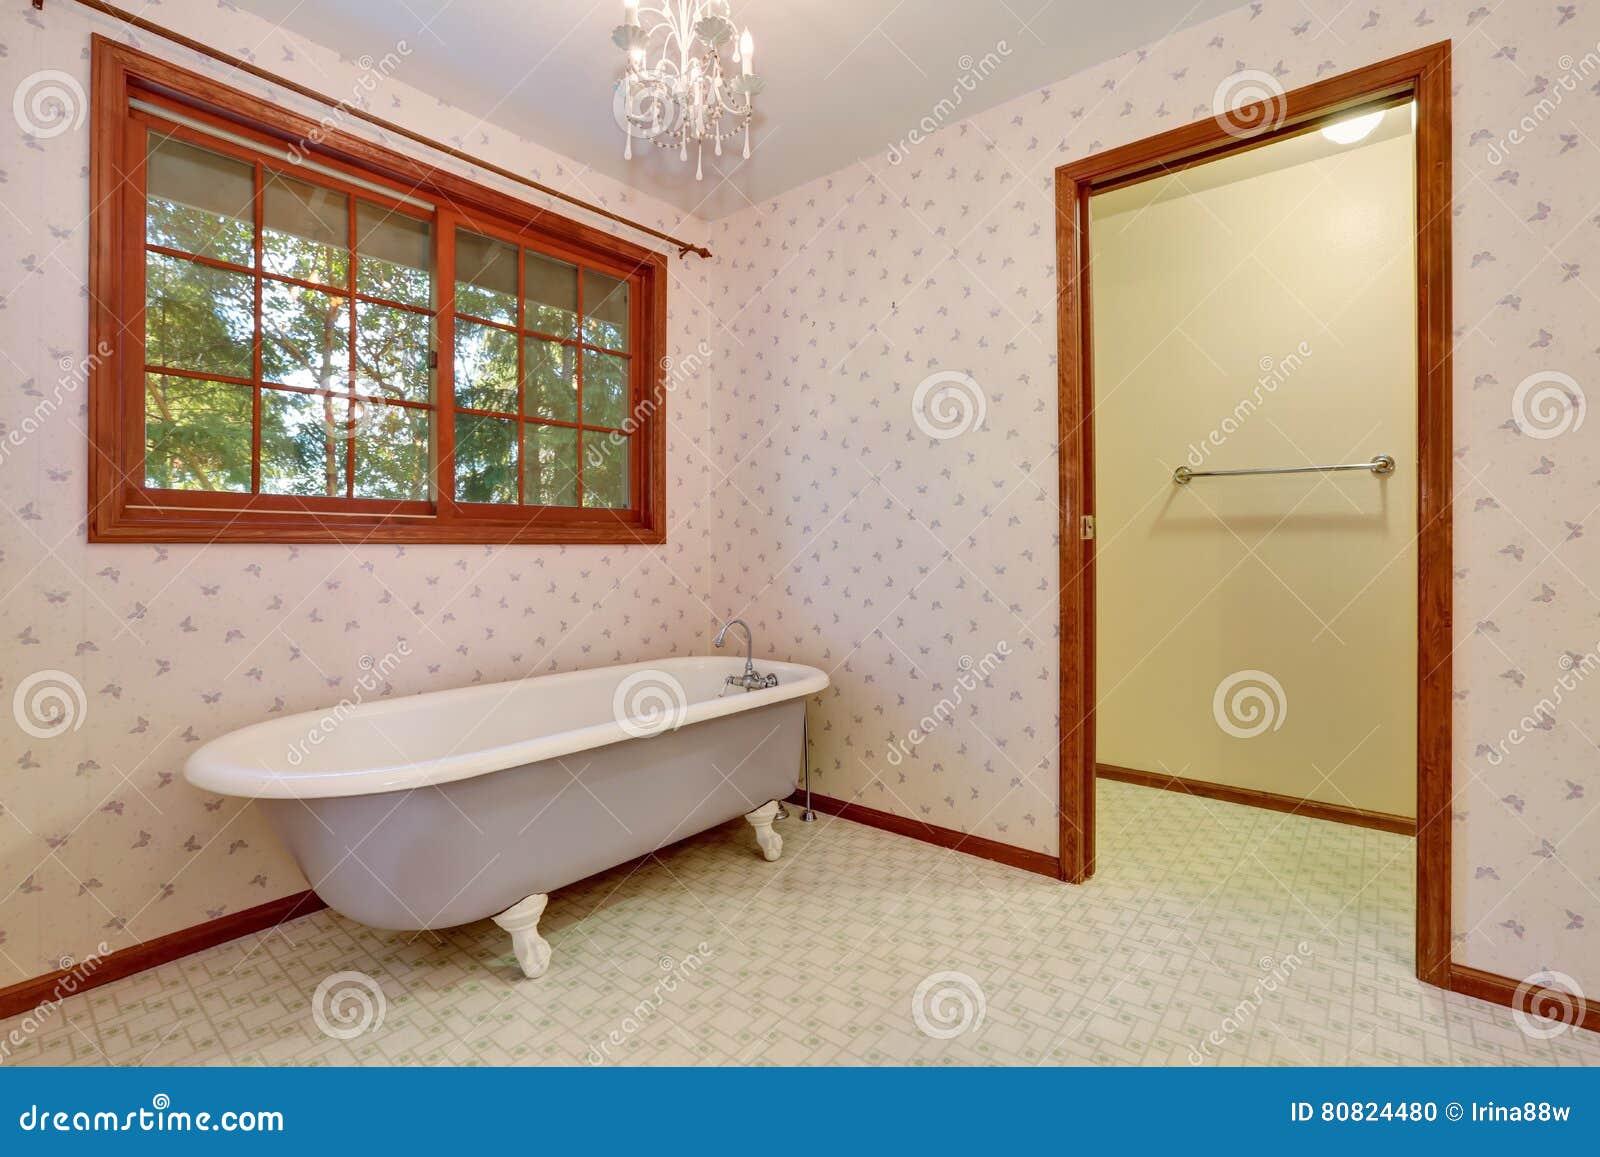 Vasca Da Bagno Retro : Vasca da bagno indipendente nellangolo di retro bagno fotografia